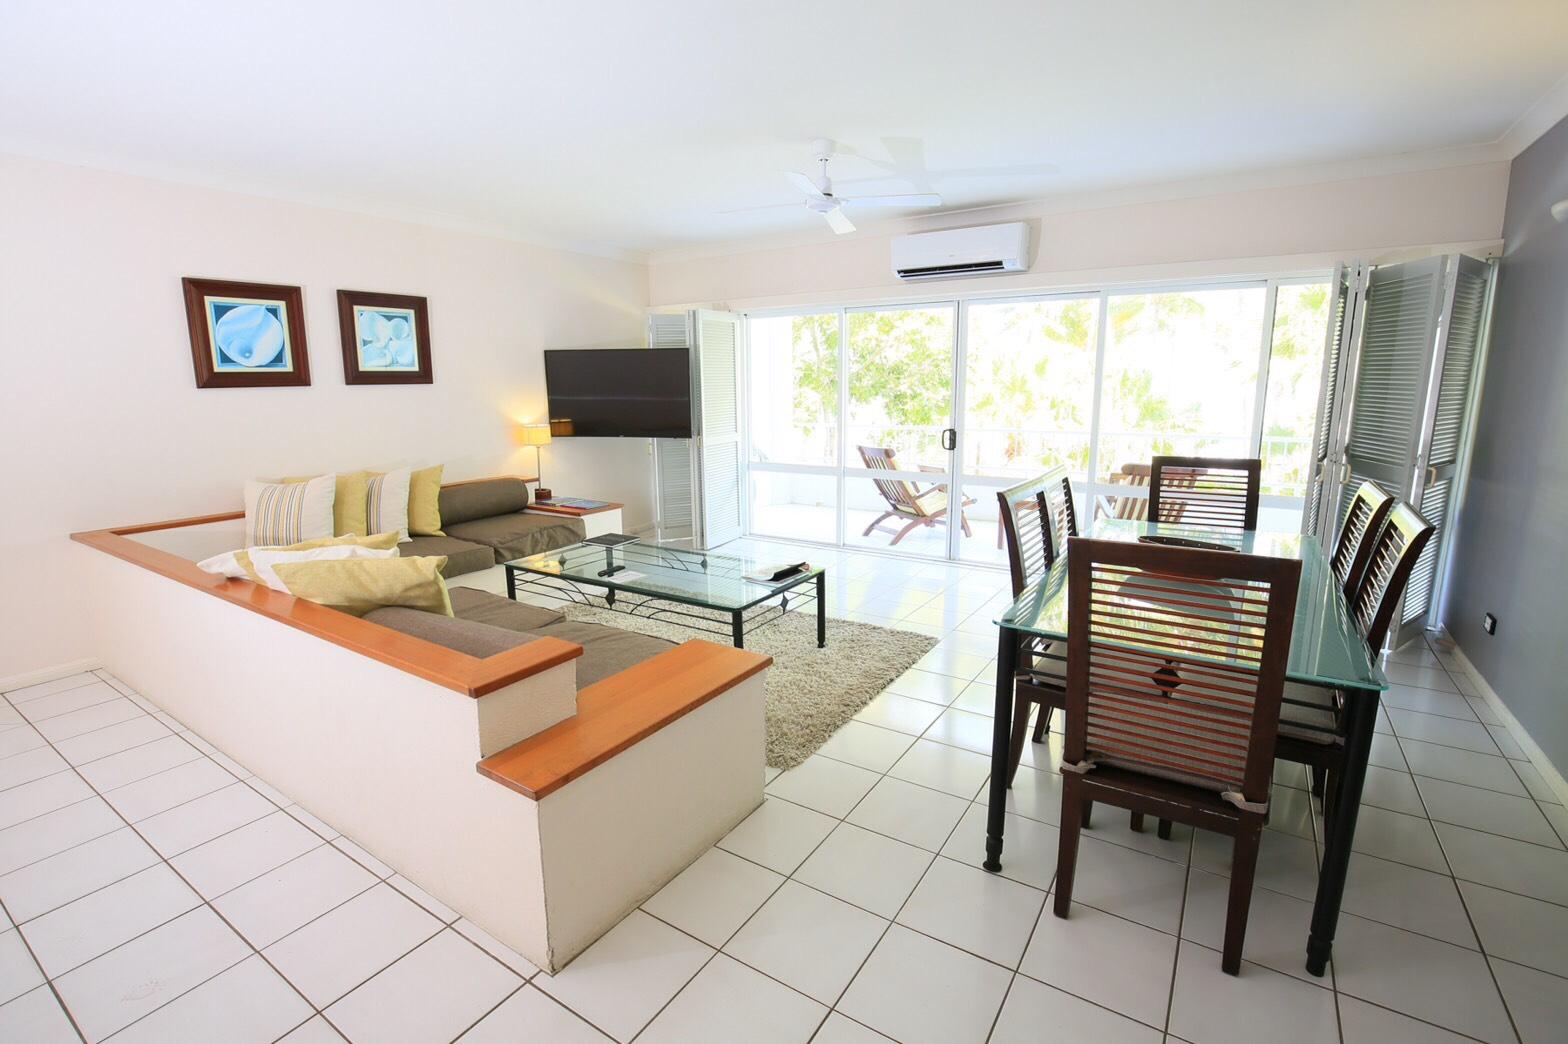 <p>スイートタイプのお部屋はとっても広く大型のソファーやダイニングテーブルなど充実の設備!</p>